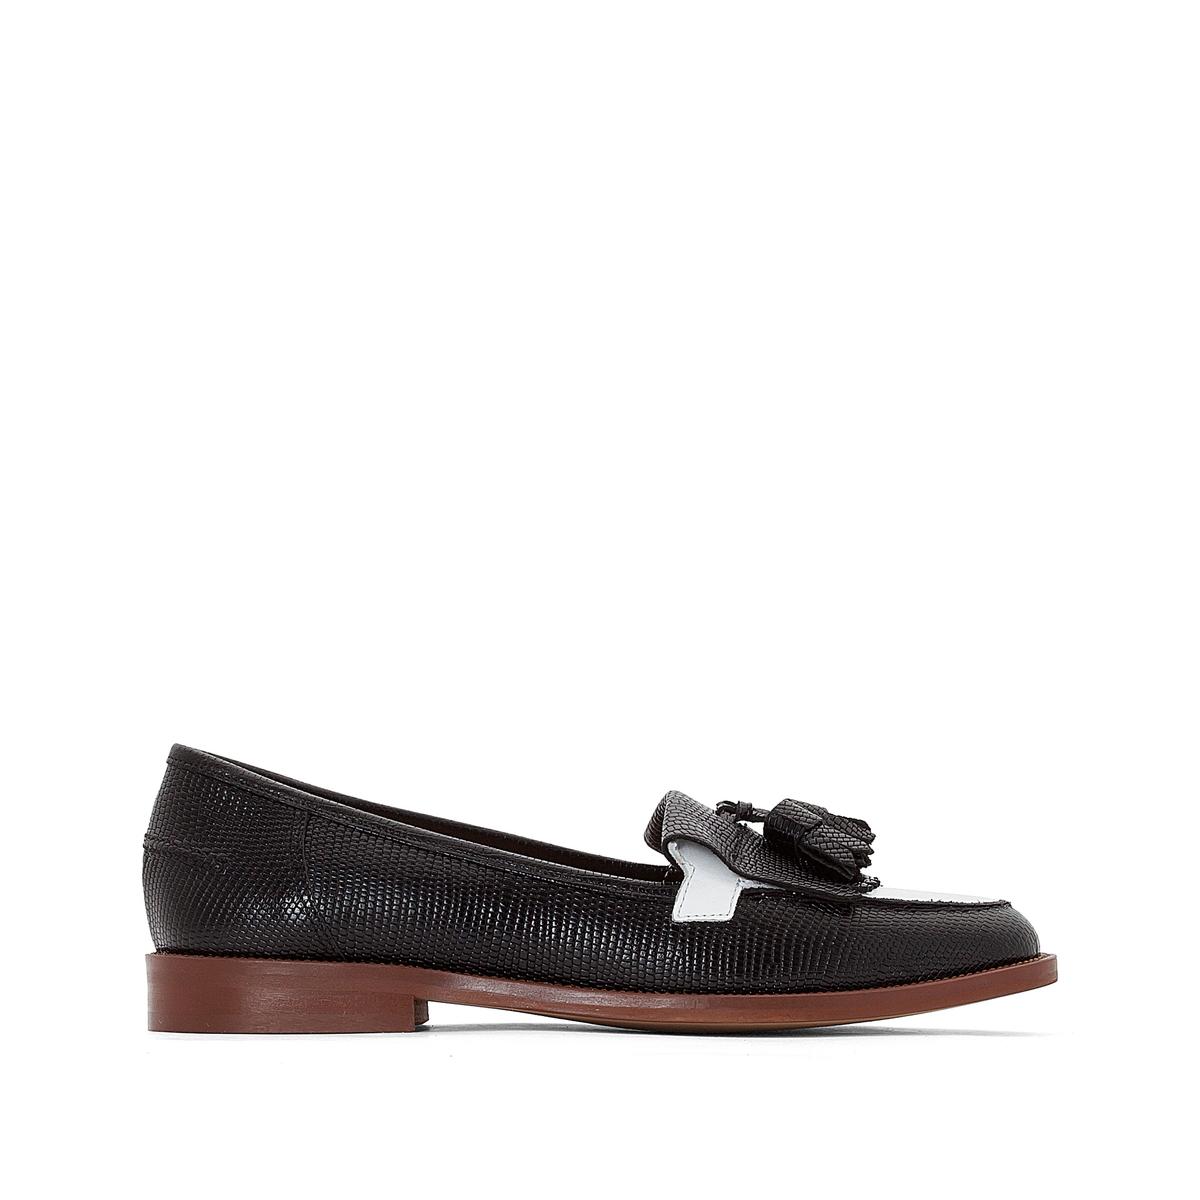 Мокасины кожаные DeanneВерх : Кожа.   Подкладка : Кожа.   Стелька : Кожа.   Подошва : эластомер   Форма каблука : плоский каблук   Мысок : закругленный   Застежка : без застежки<br><br>Цвет: черный/ белый<br>Размер: 39